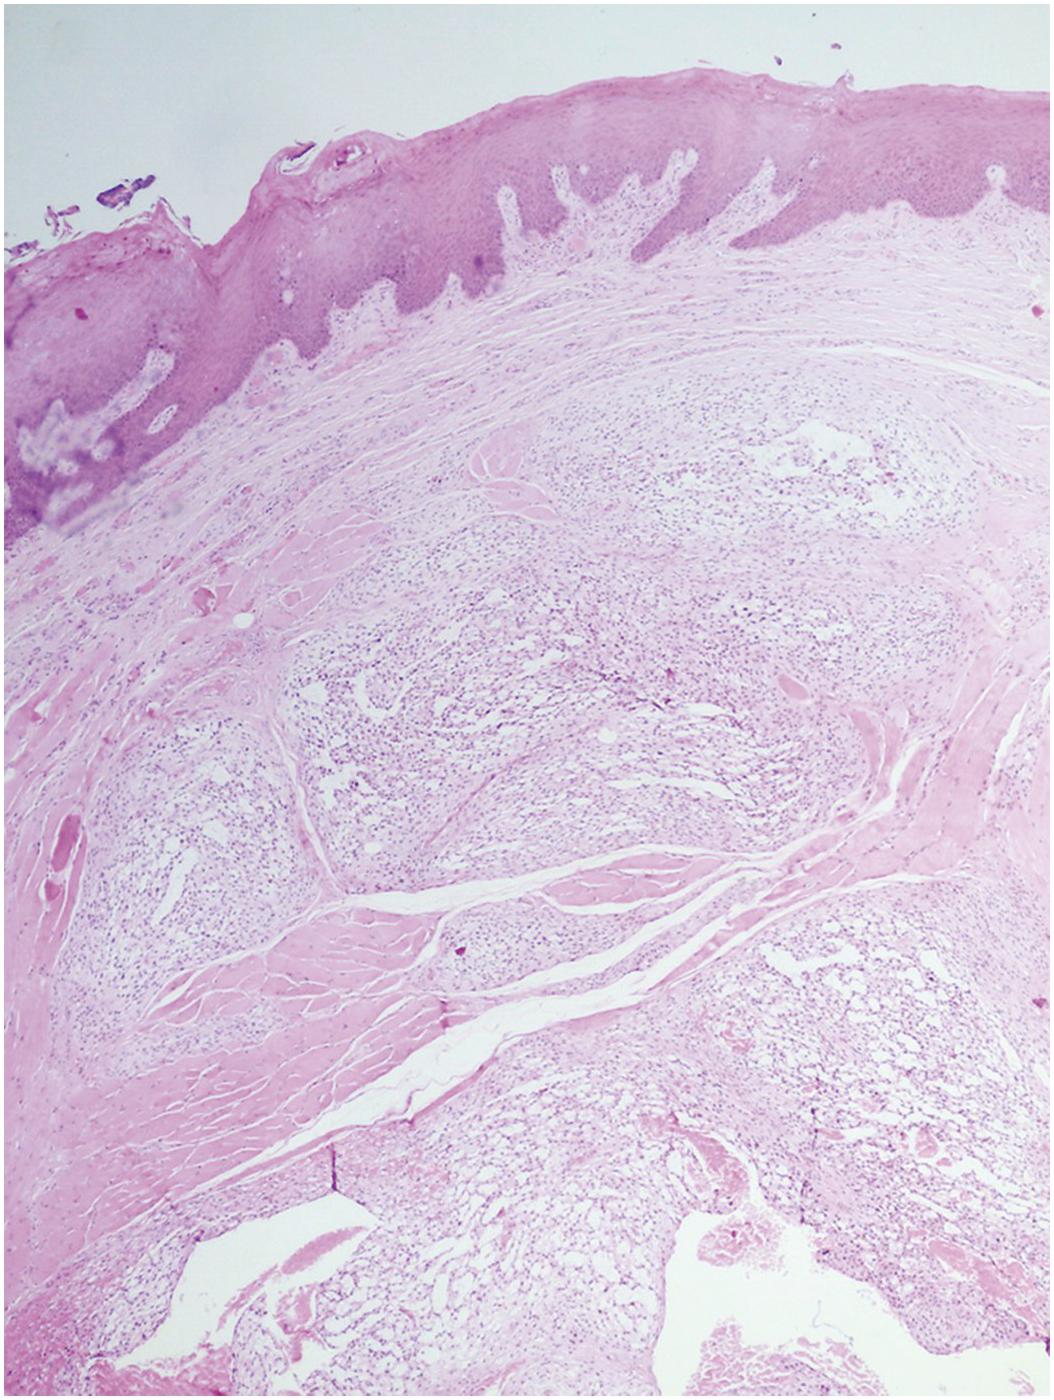 Papilóma kezelése a labia nőinél - Lipoma